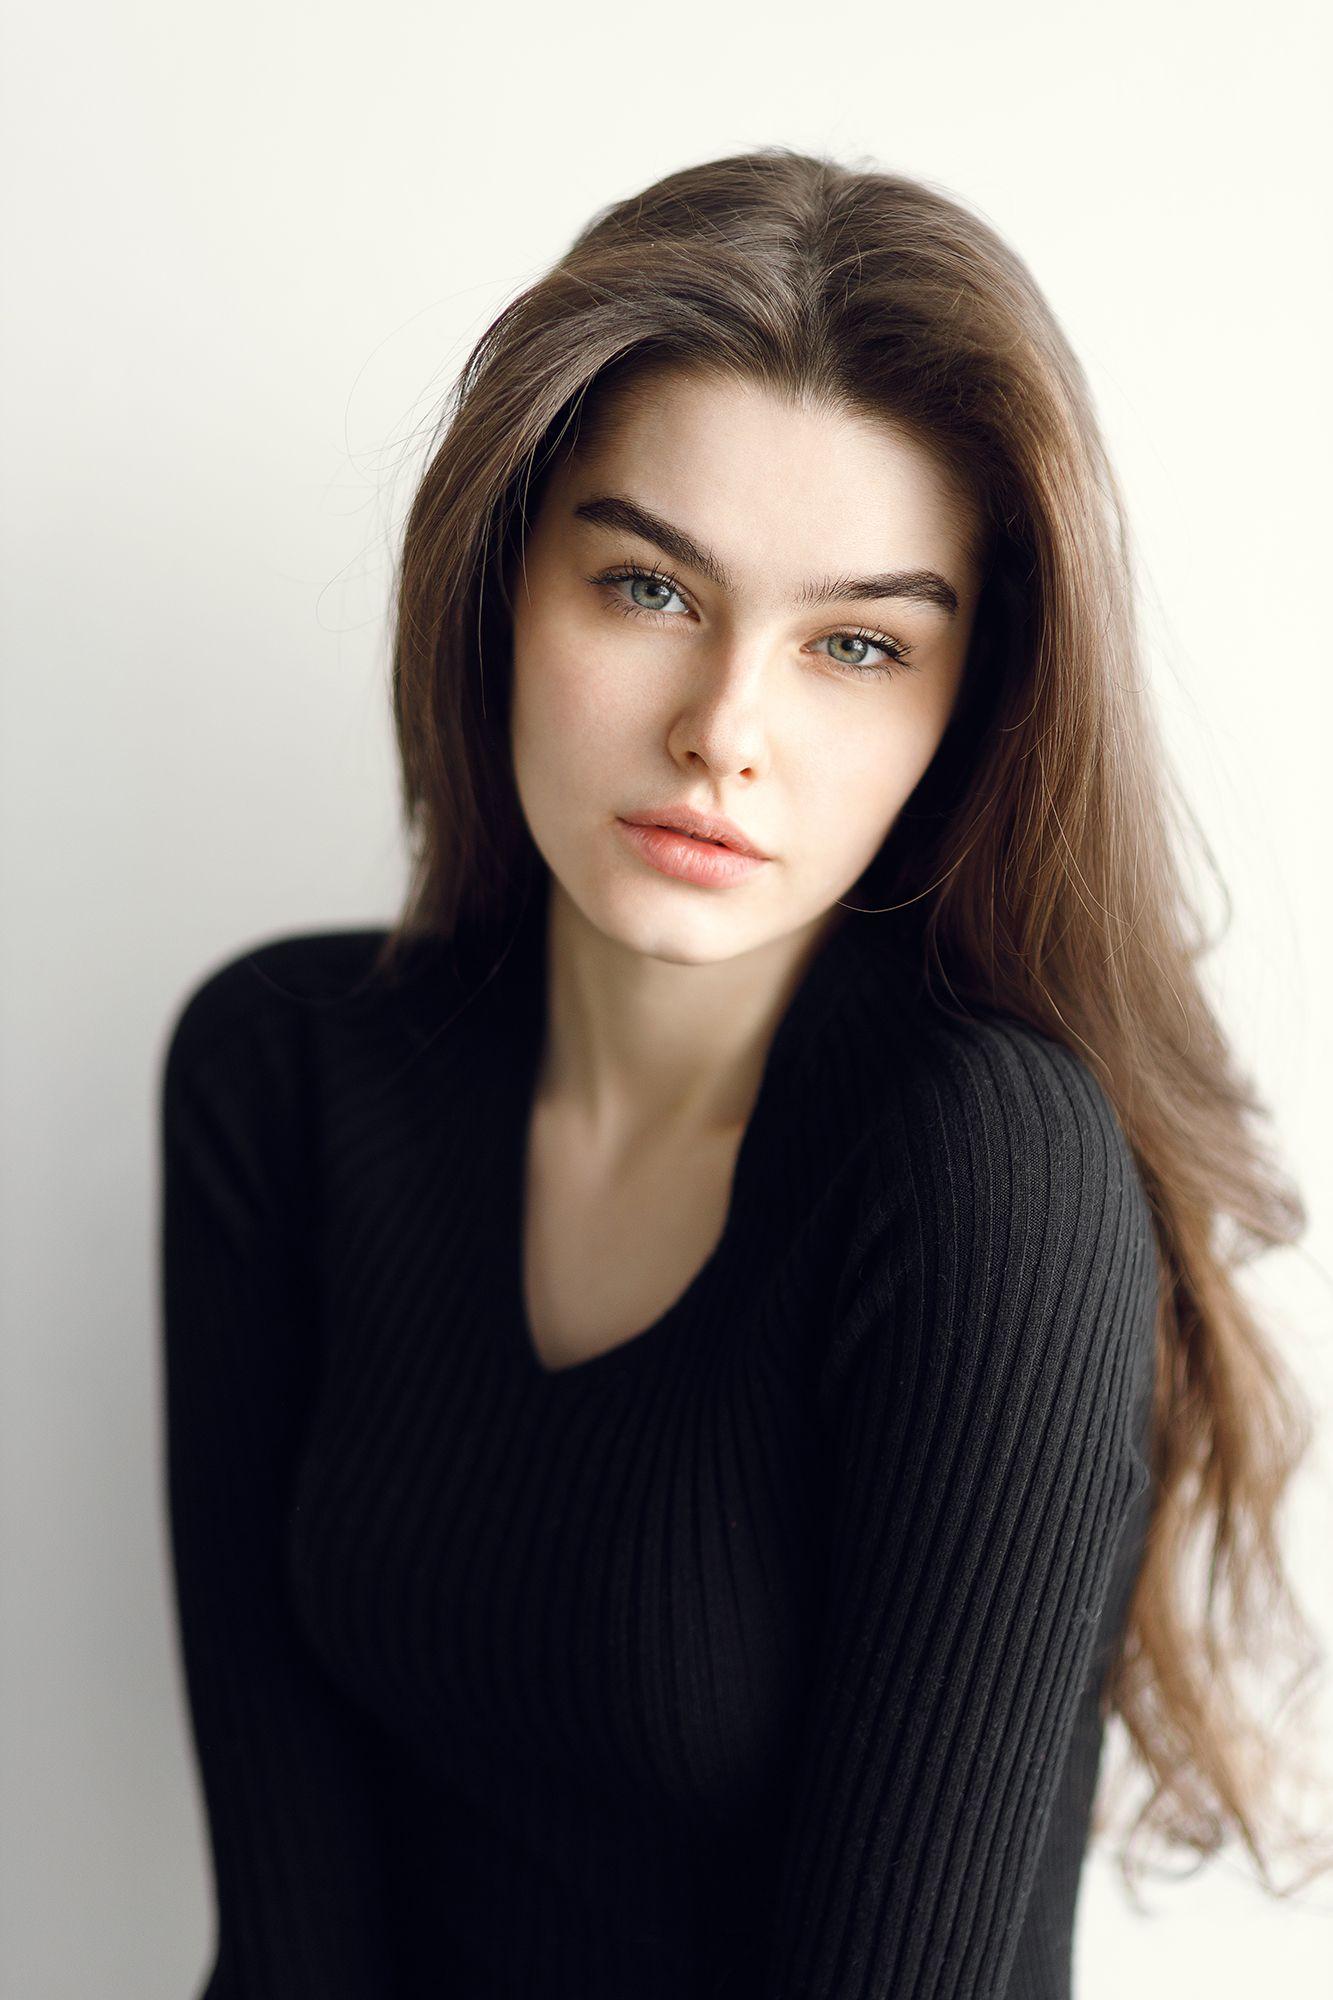 portrait woman studio, Павел Возмищев